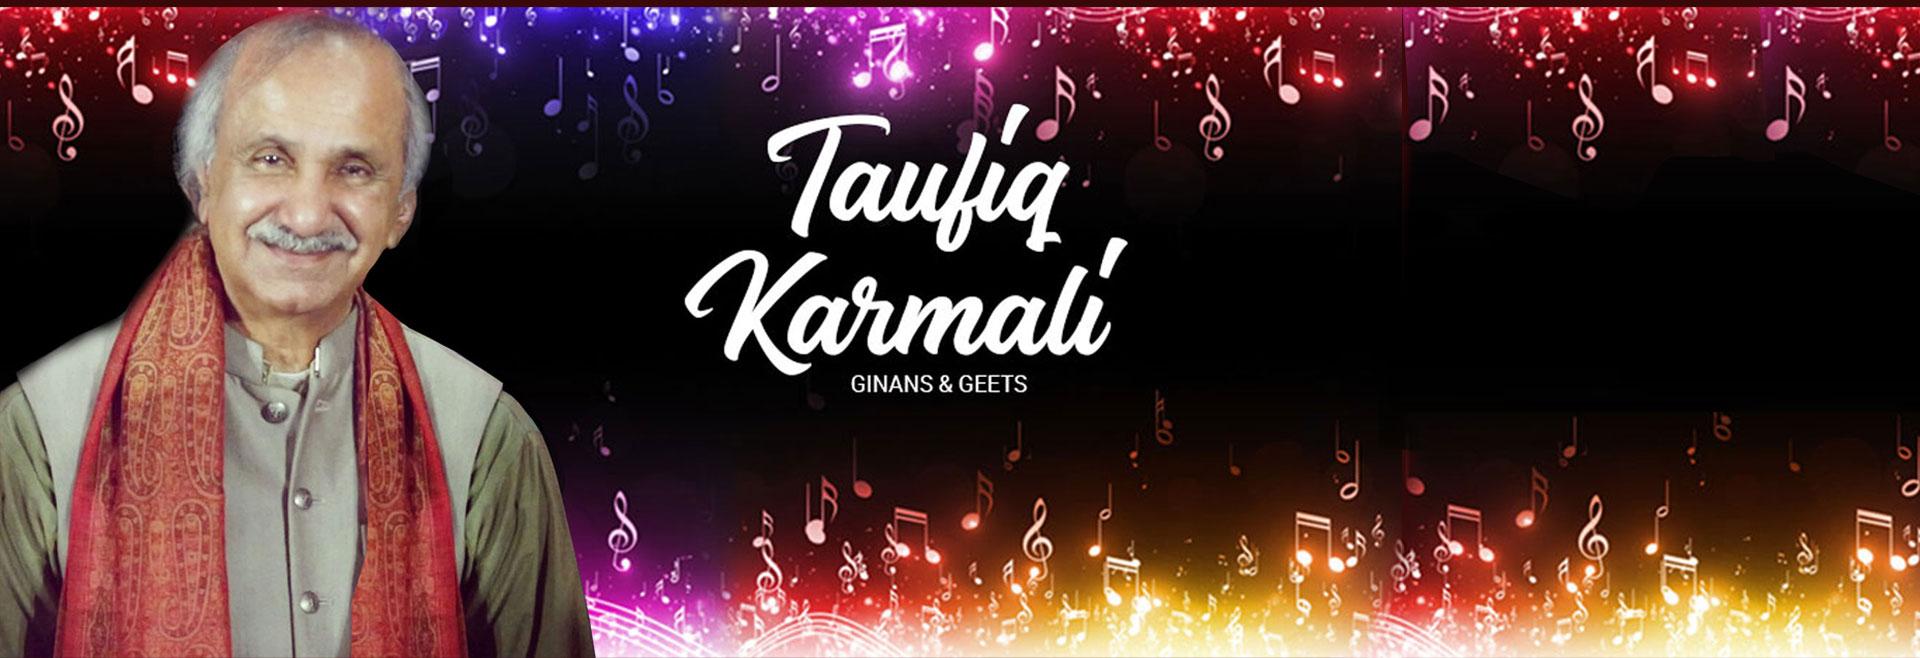 taufiq-karmali